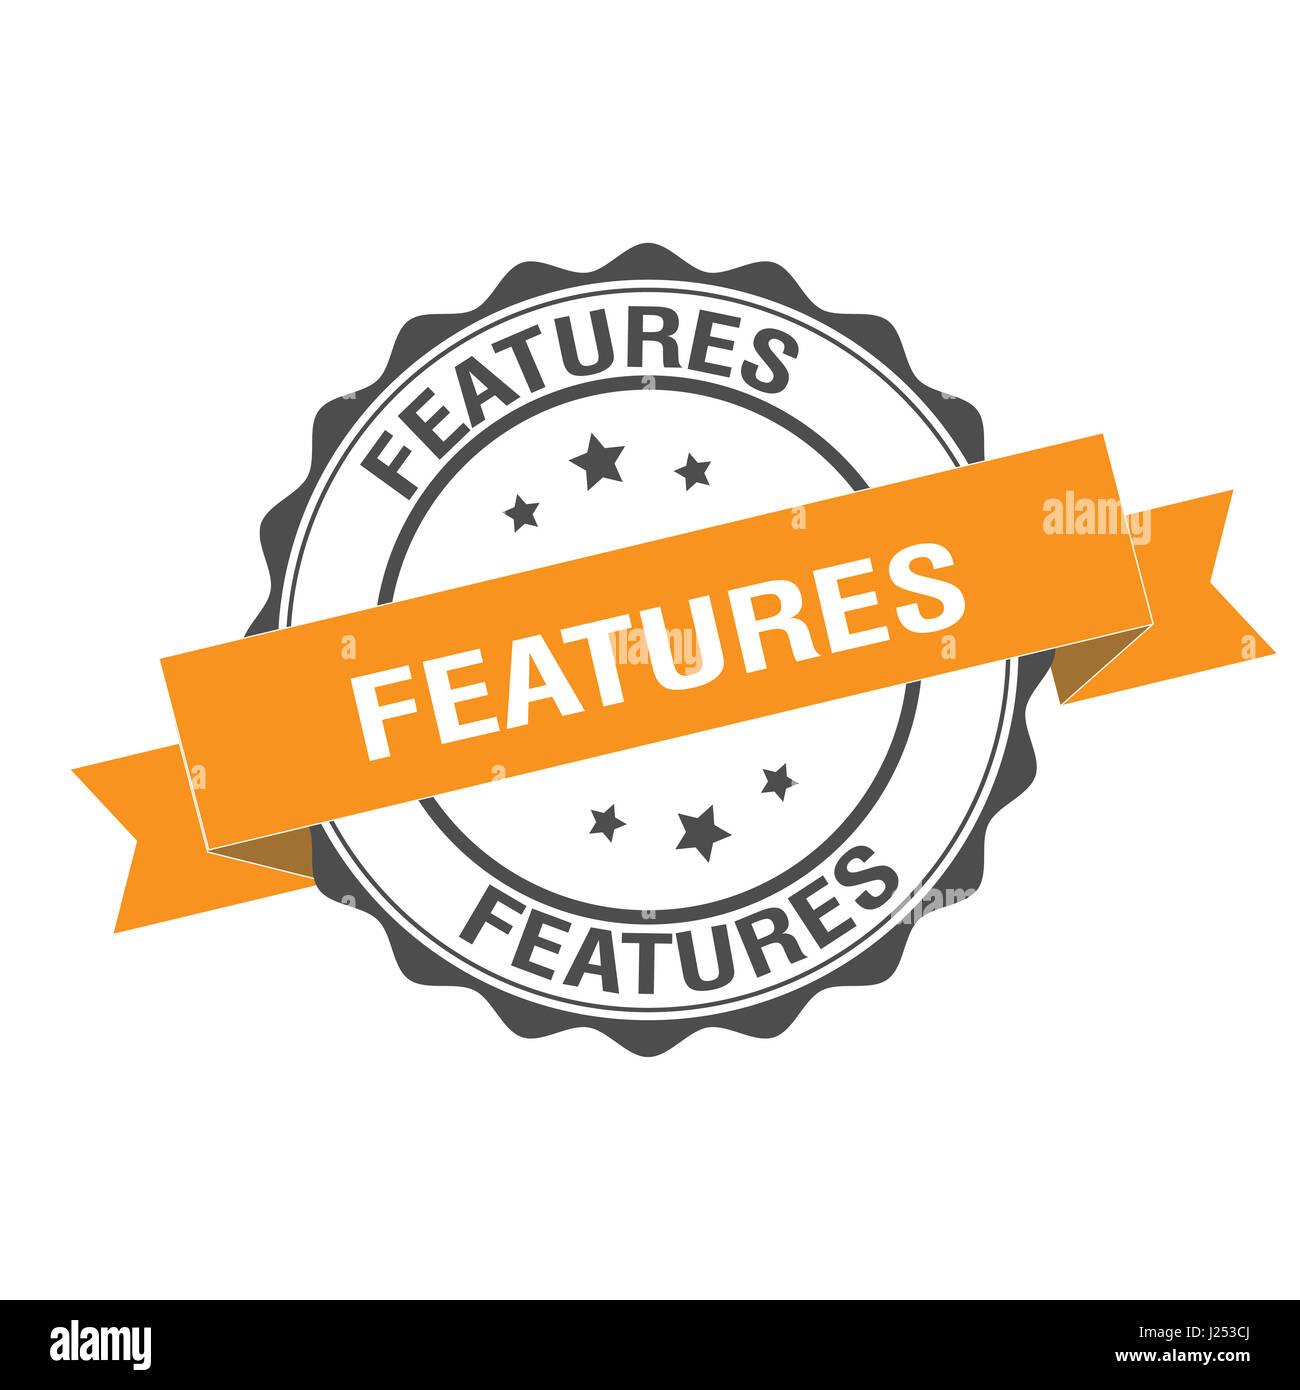 Caratteristiche illustrazione del timbro Immagini Stock